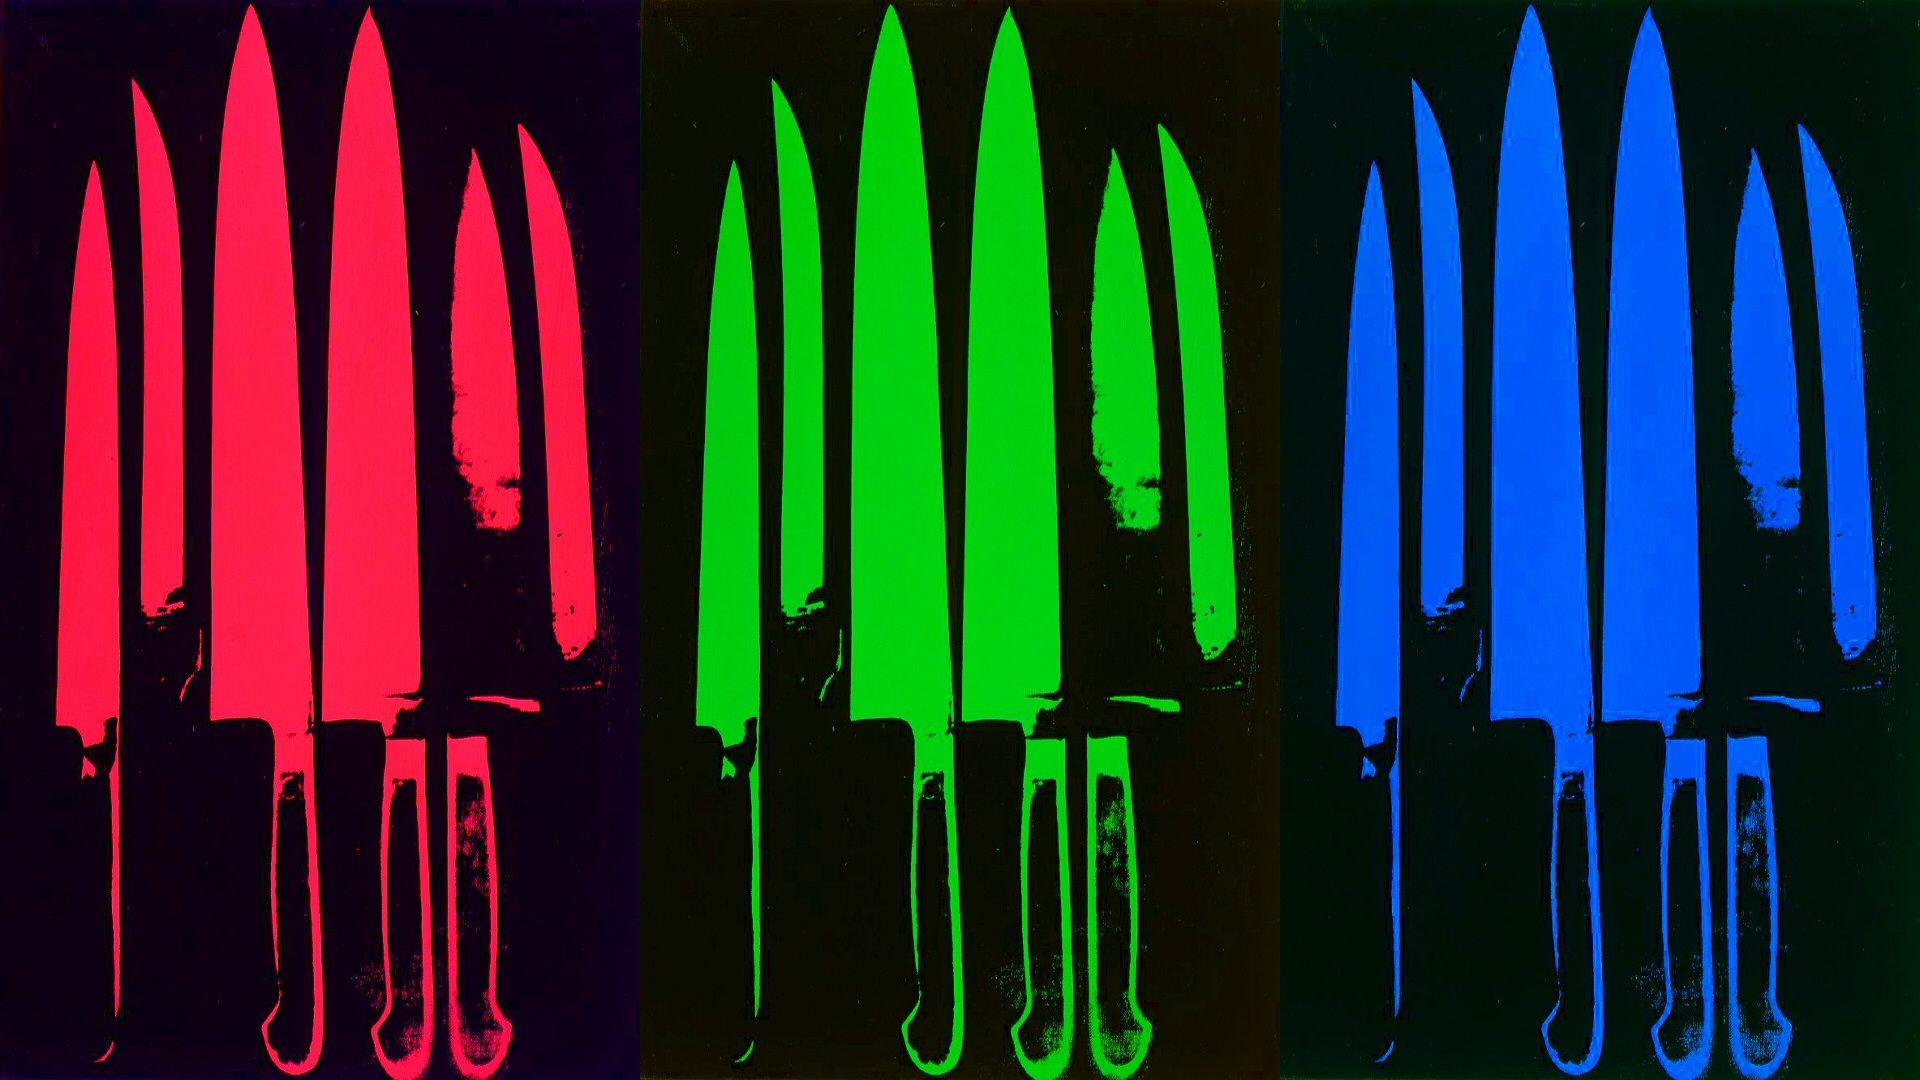 Andy Warhol Andy Warhol Knives wallpaper